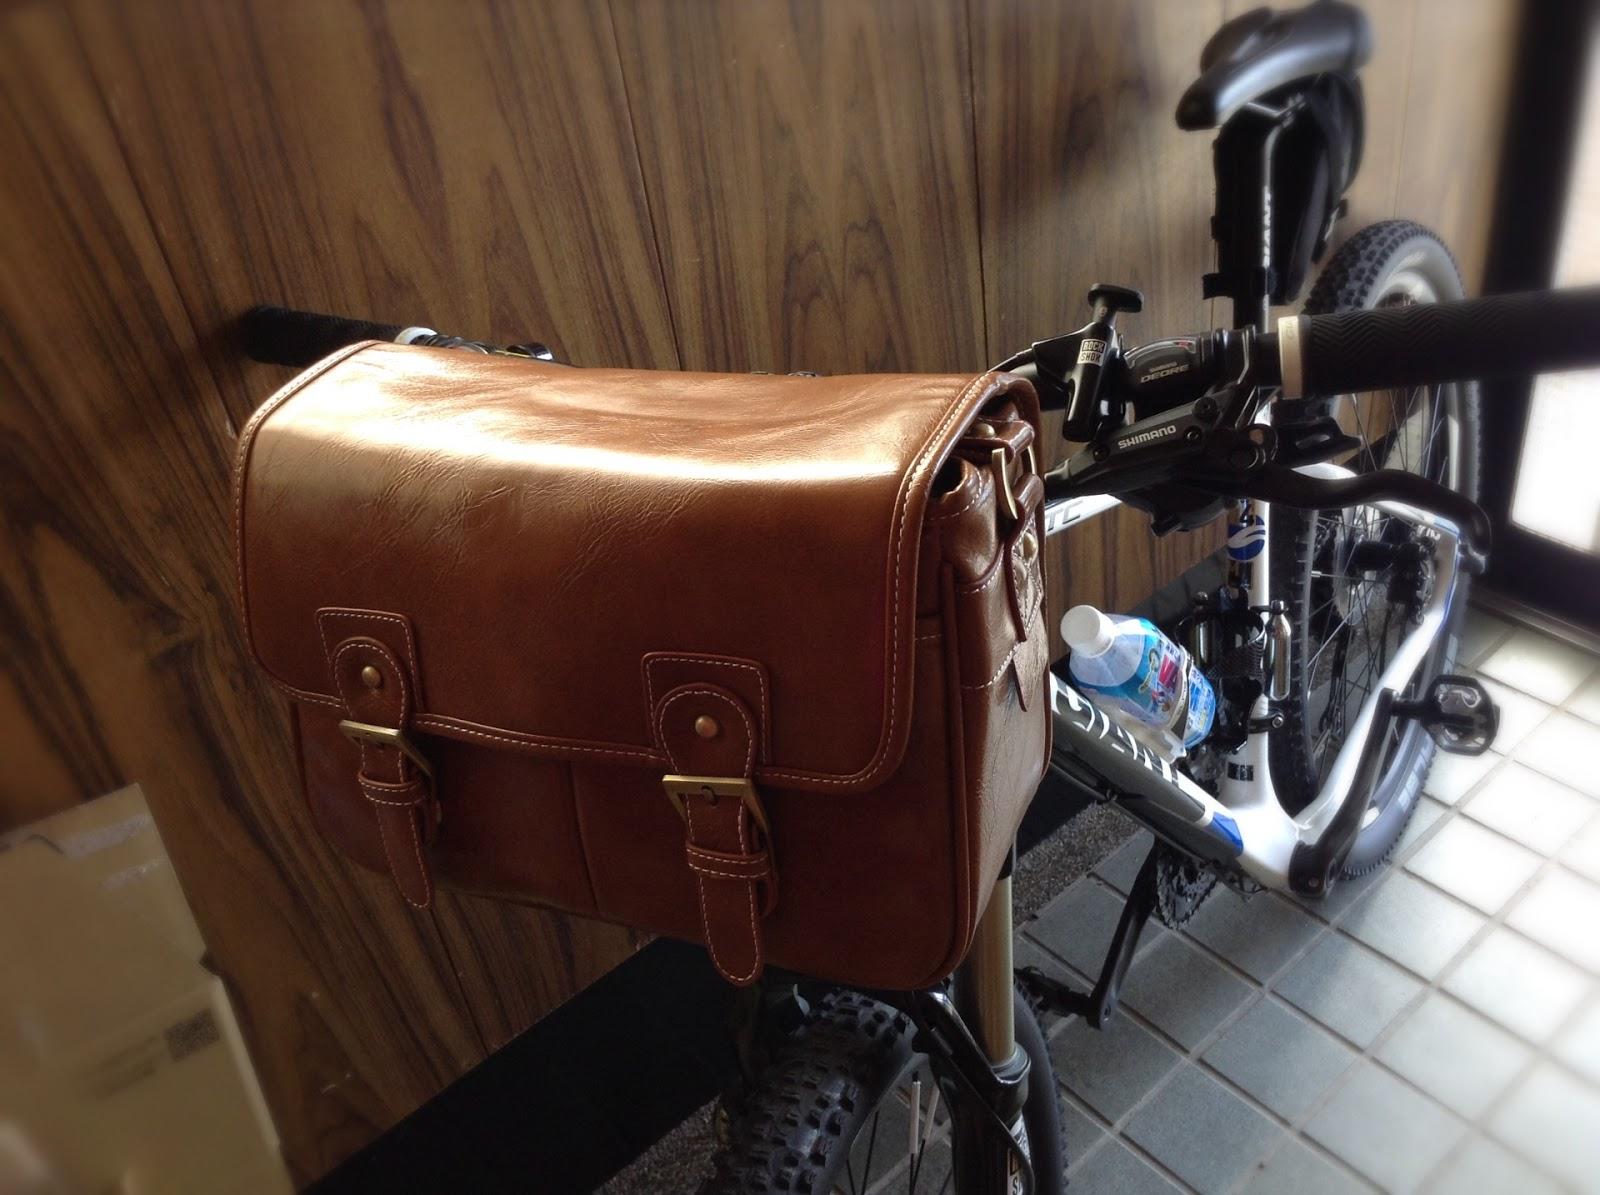 自転車の 自転車 フロント カメラバッグ : お遊び: 自転車にカメラバッグ ...